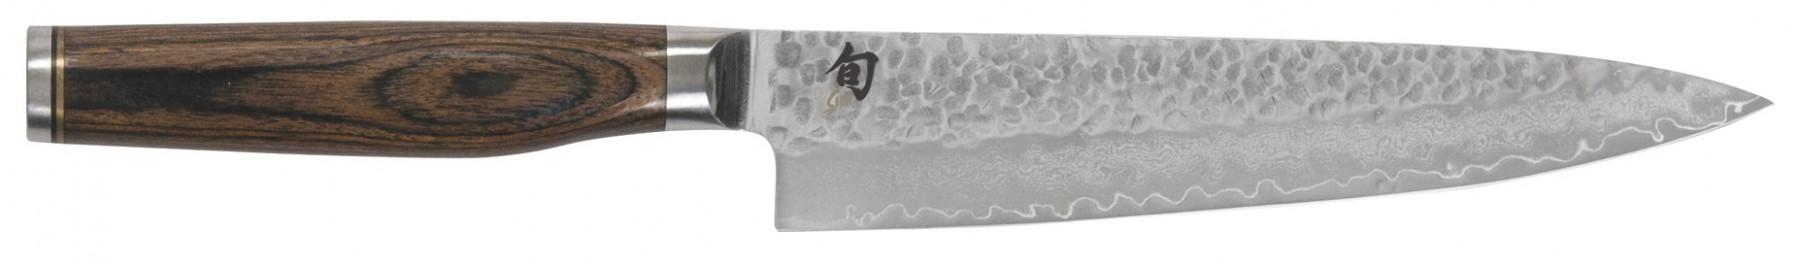 KAI Messerset Shun Premier TM I 2tlg. Allzweckmesser